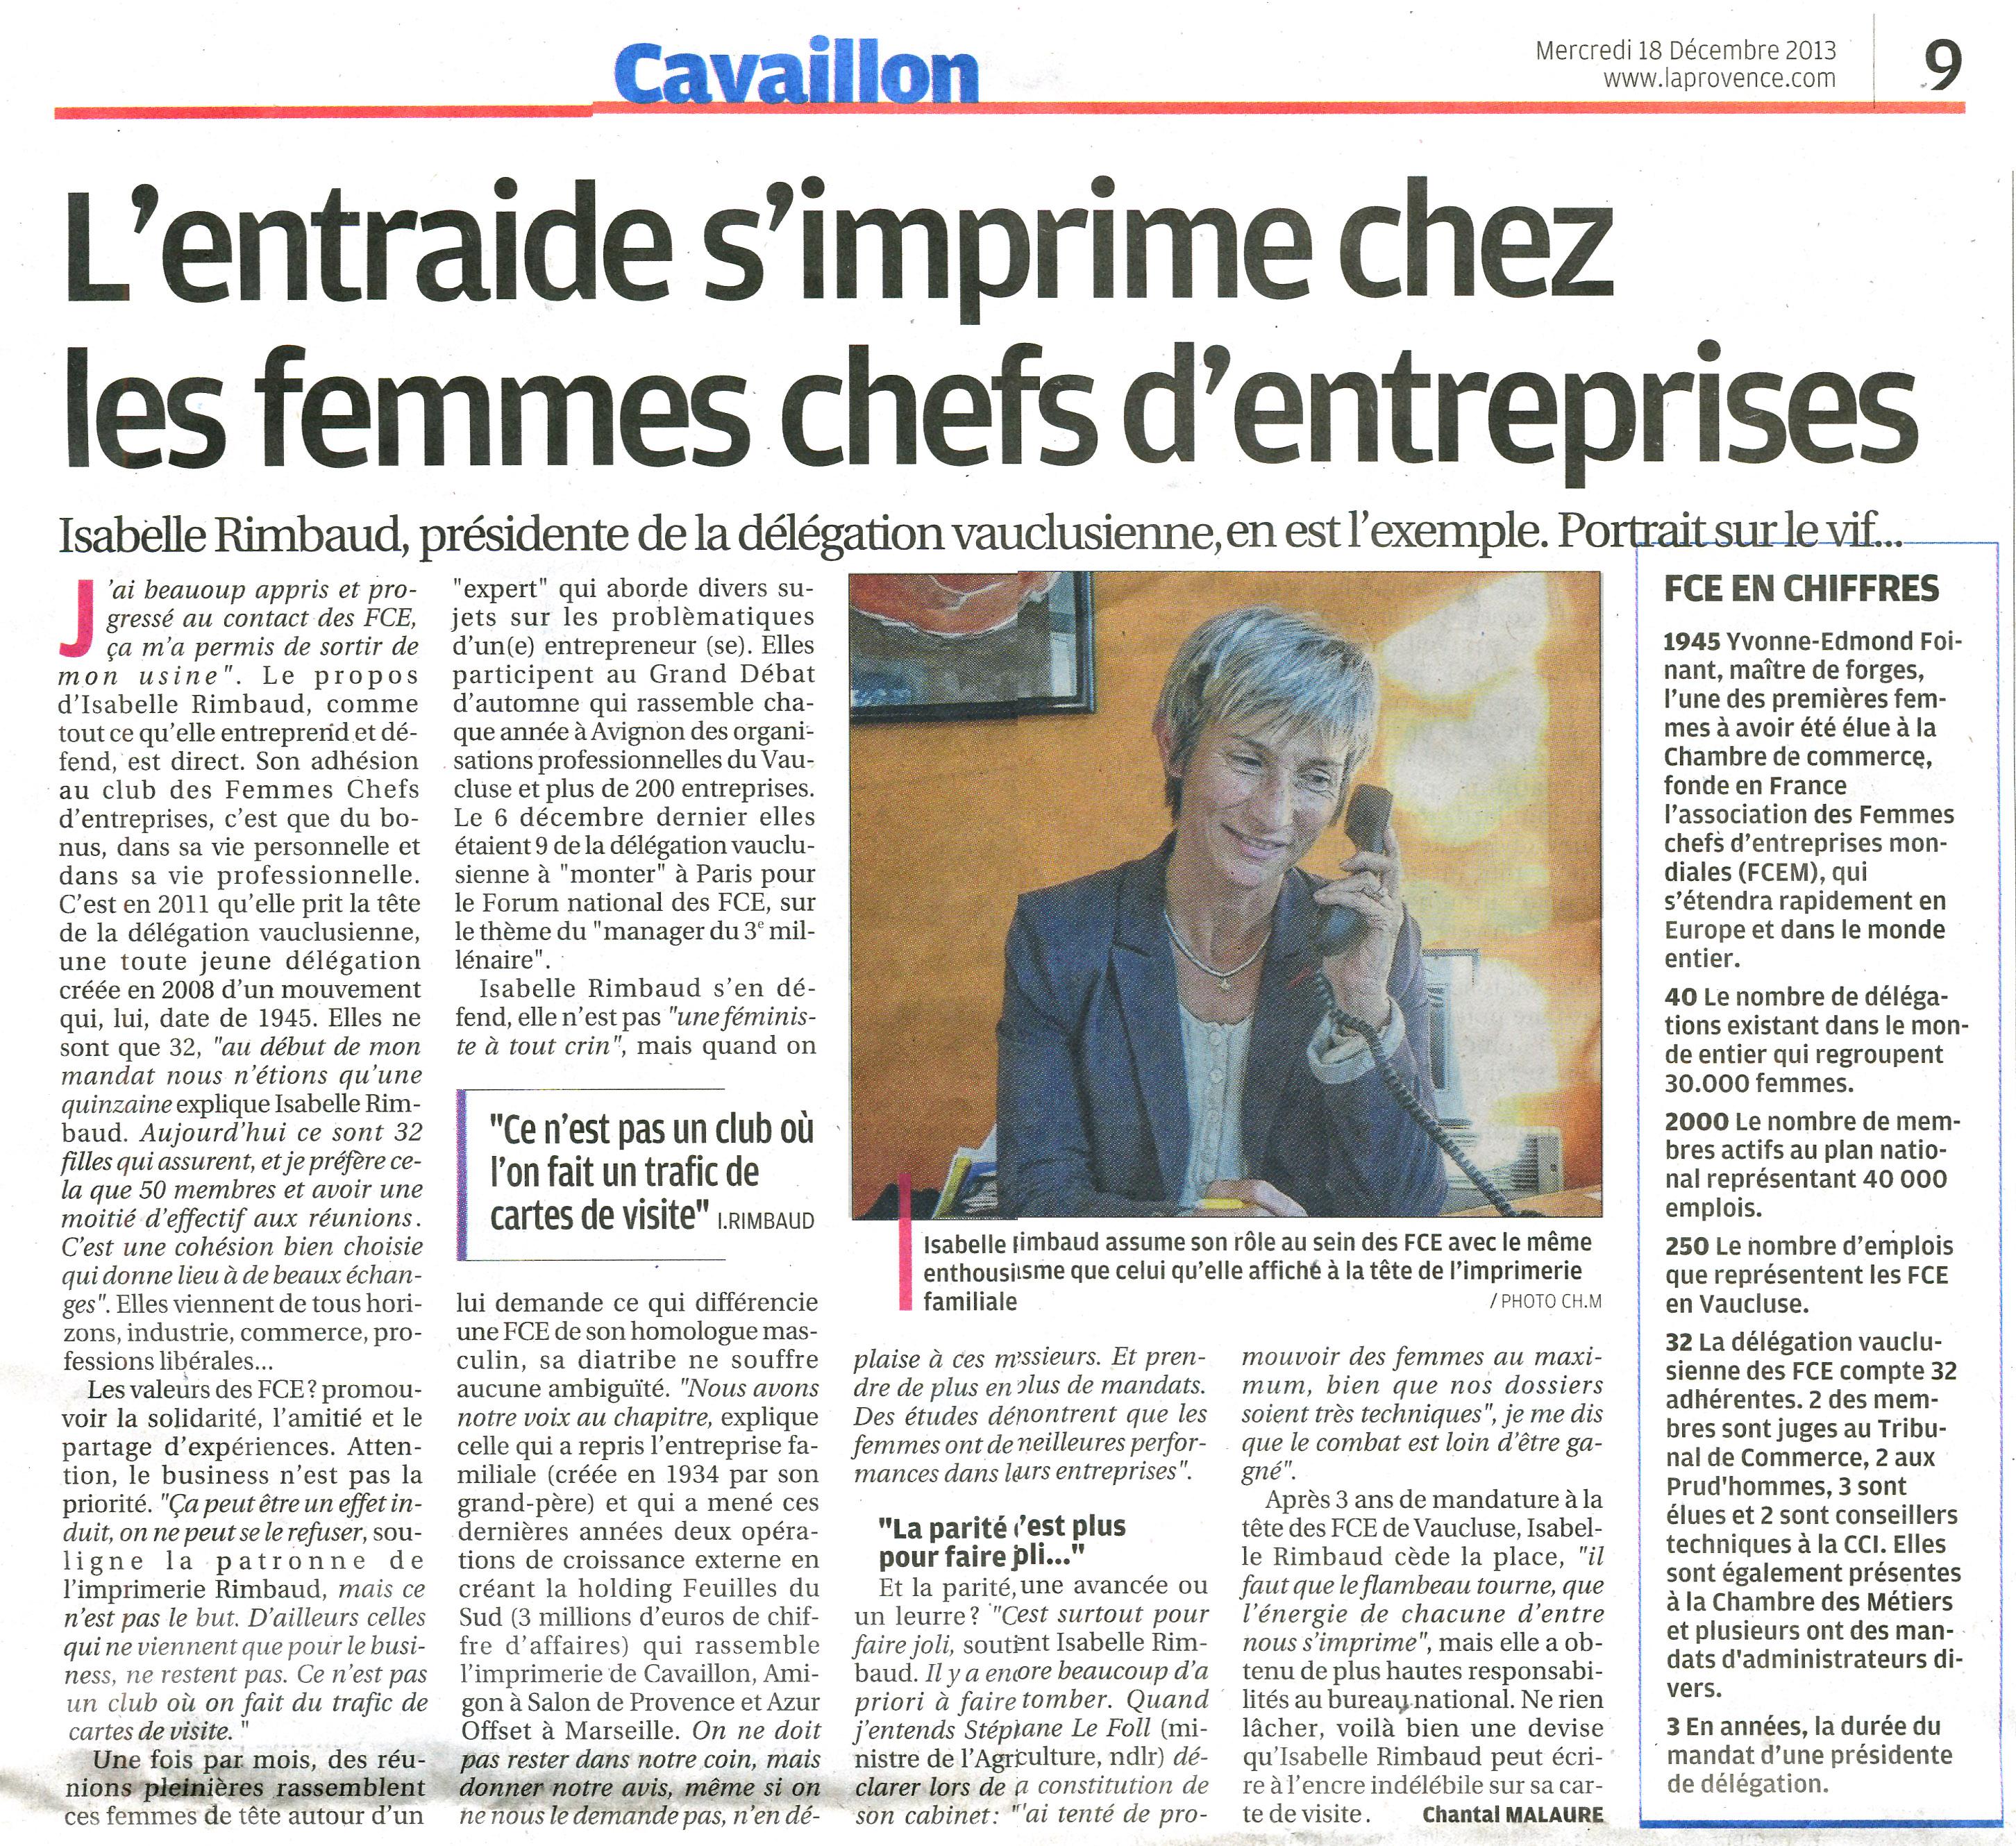 FCE France - Communication - Articles - L'entraide s'imprime chez ... Lire l'article